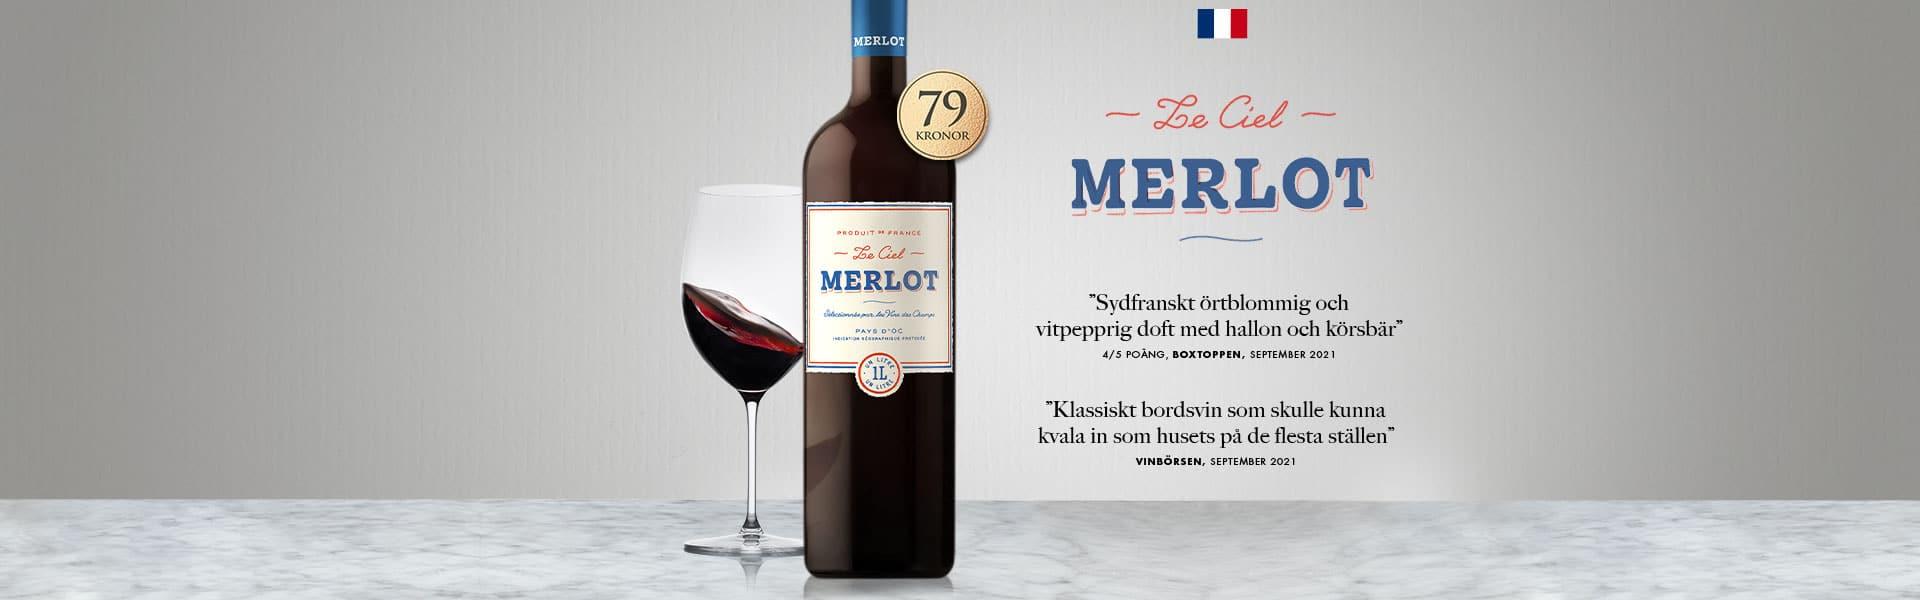 Le Ciel Merlot